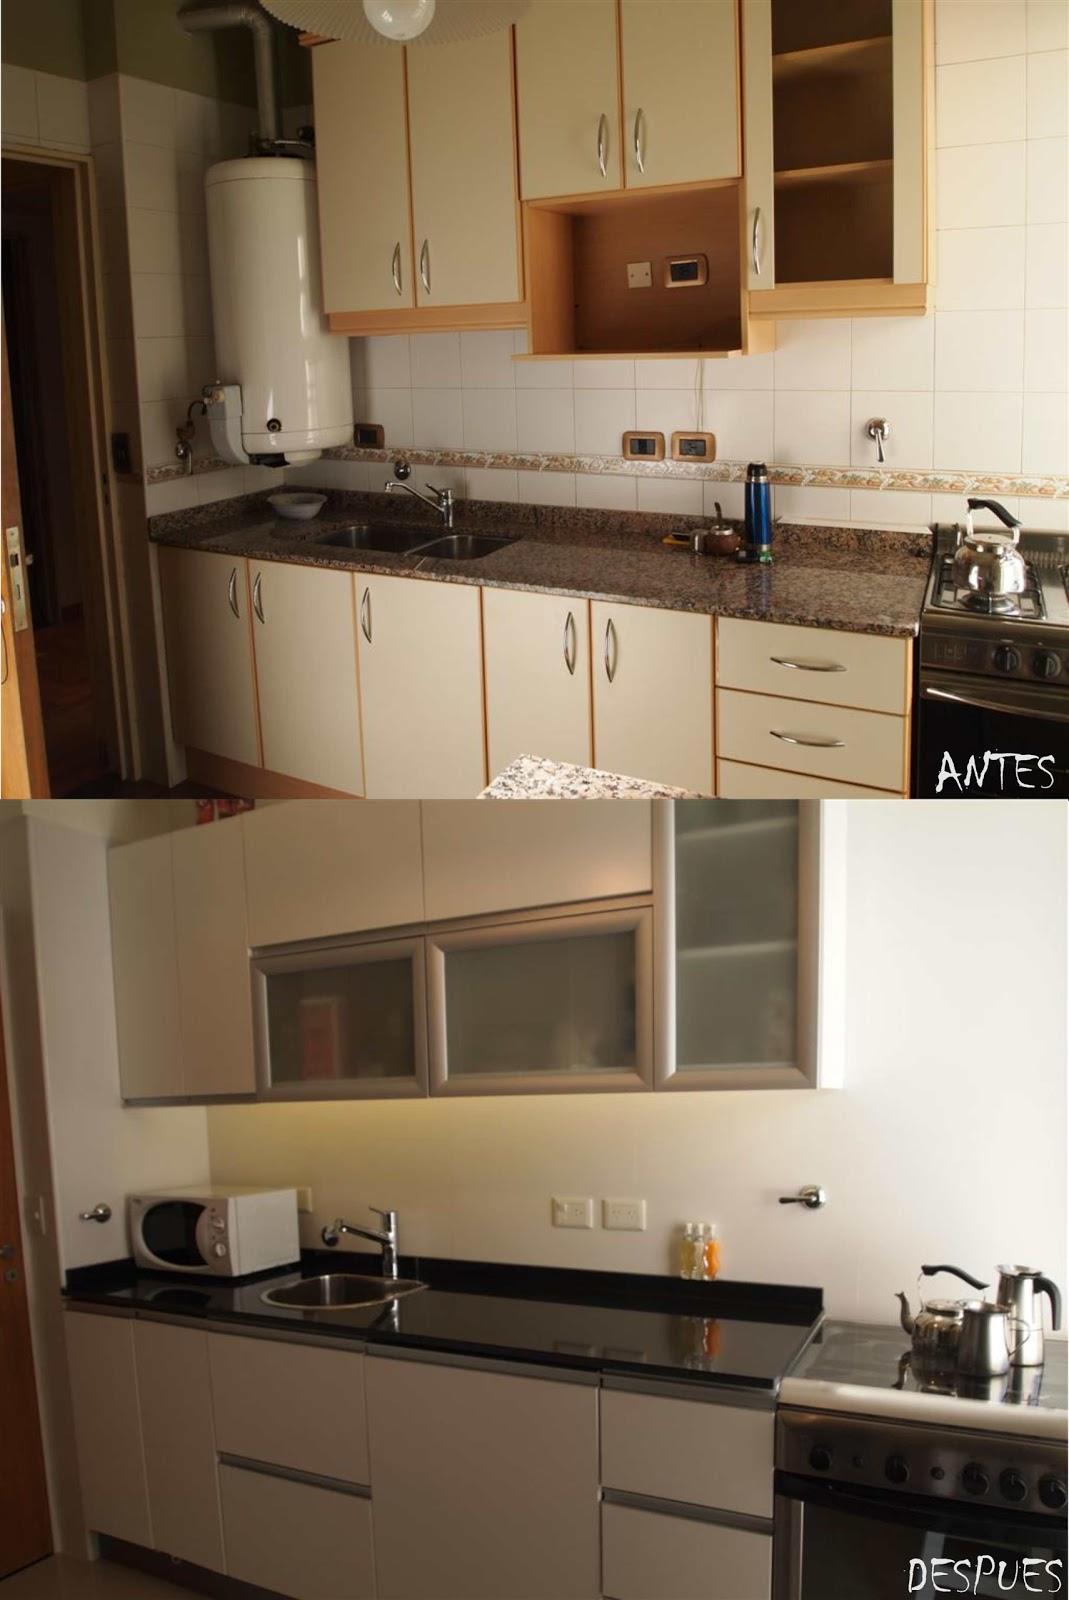 Arquitectura a tu medida remodelacion de una cocina for Remodelacion de cocinas pequenas